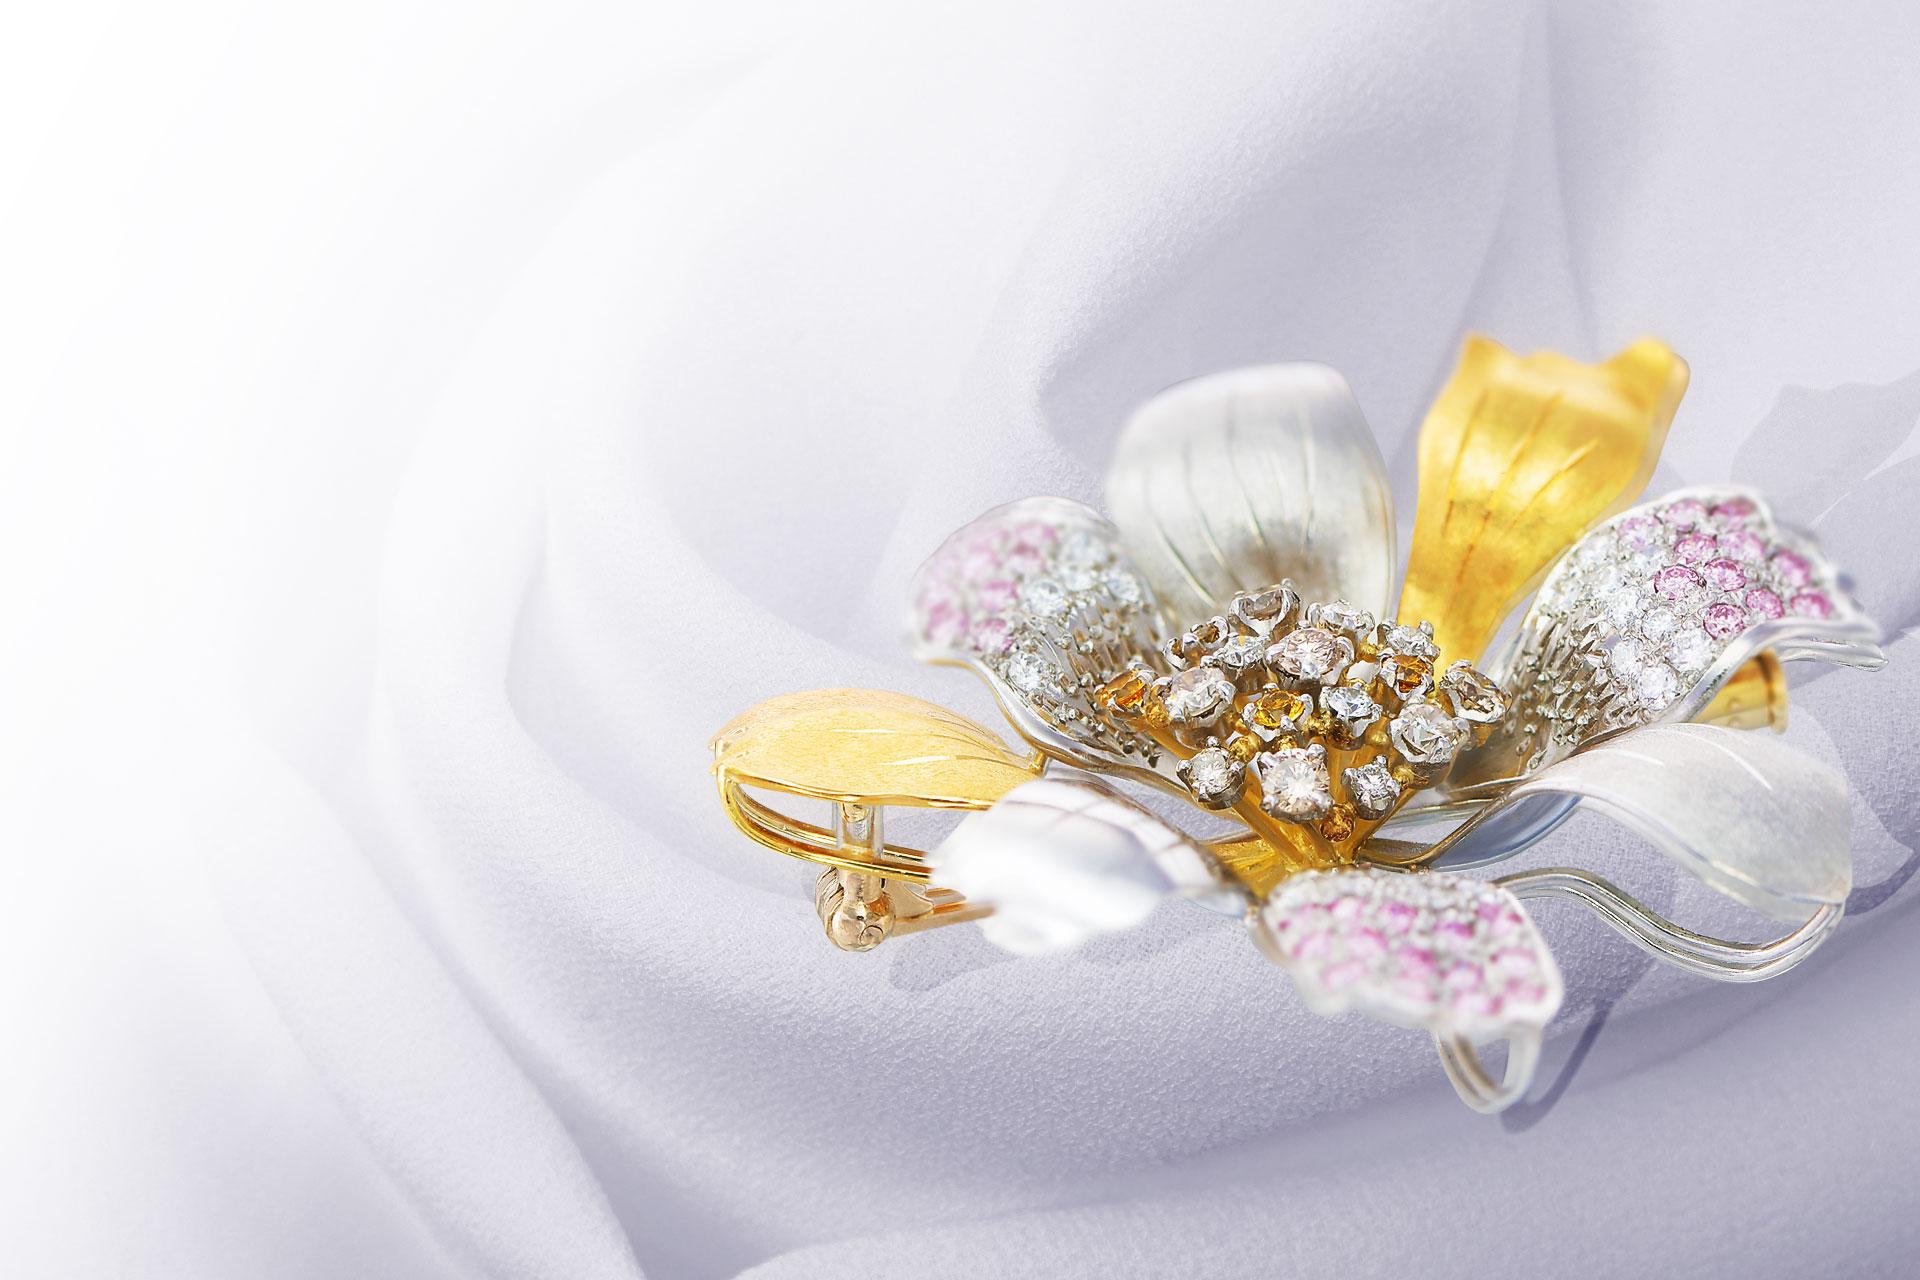 加代子ジュエリー ピンクダイヤモンドを花びら、雄しべ、雌しべに使用し、華やかな花ブローチ